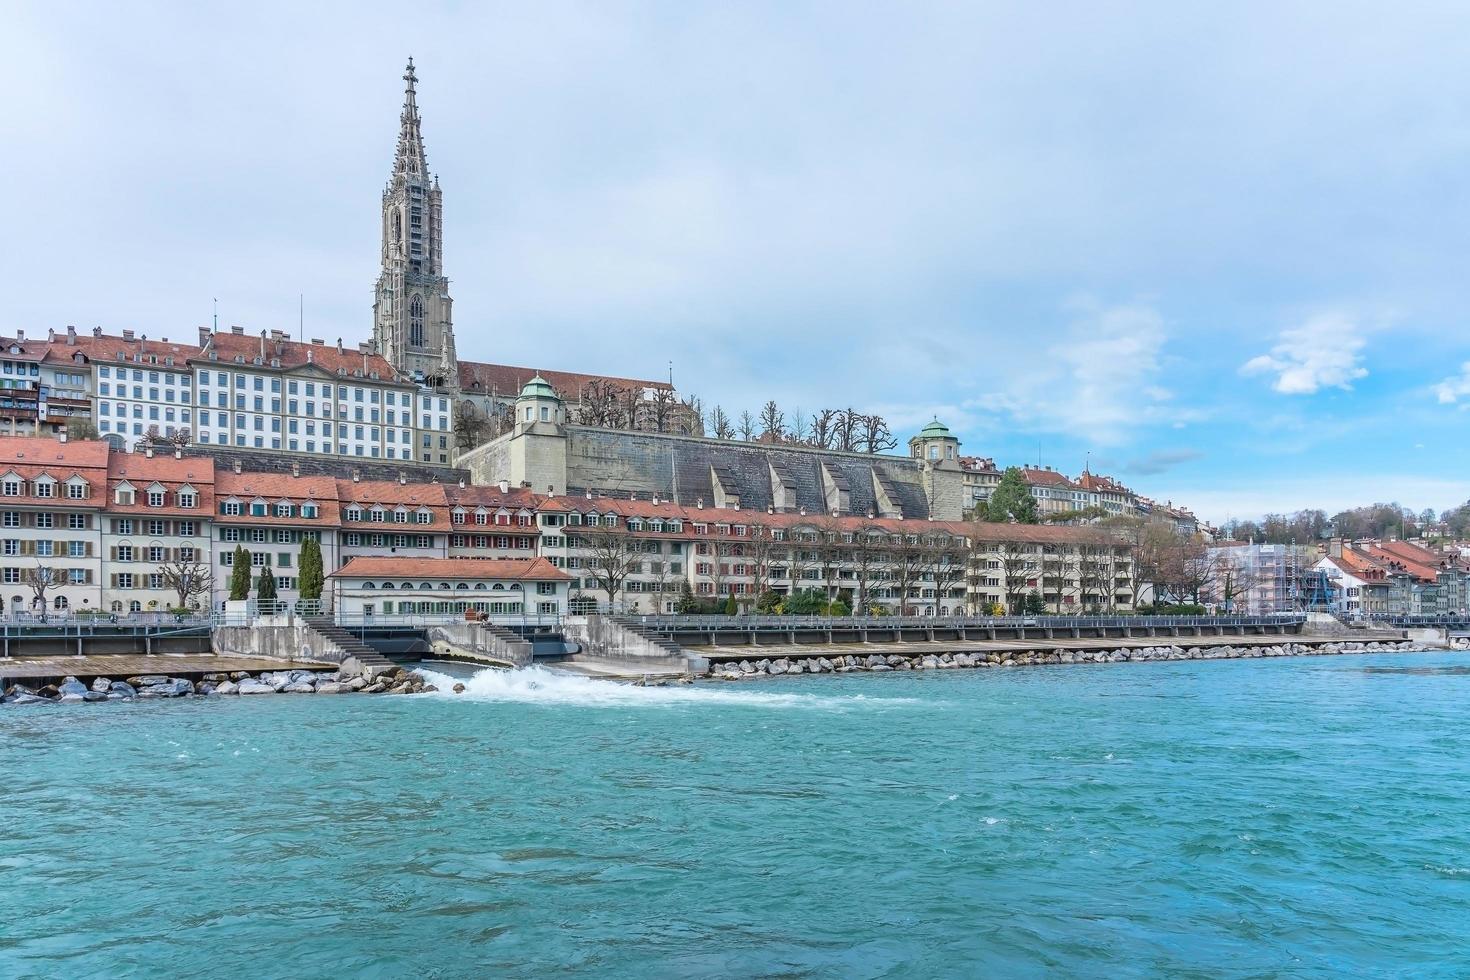 vista panoramica di berna, la capitale della svizzera foto